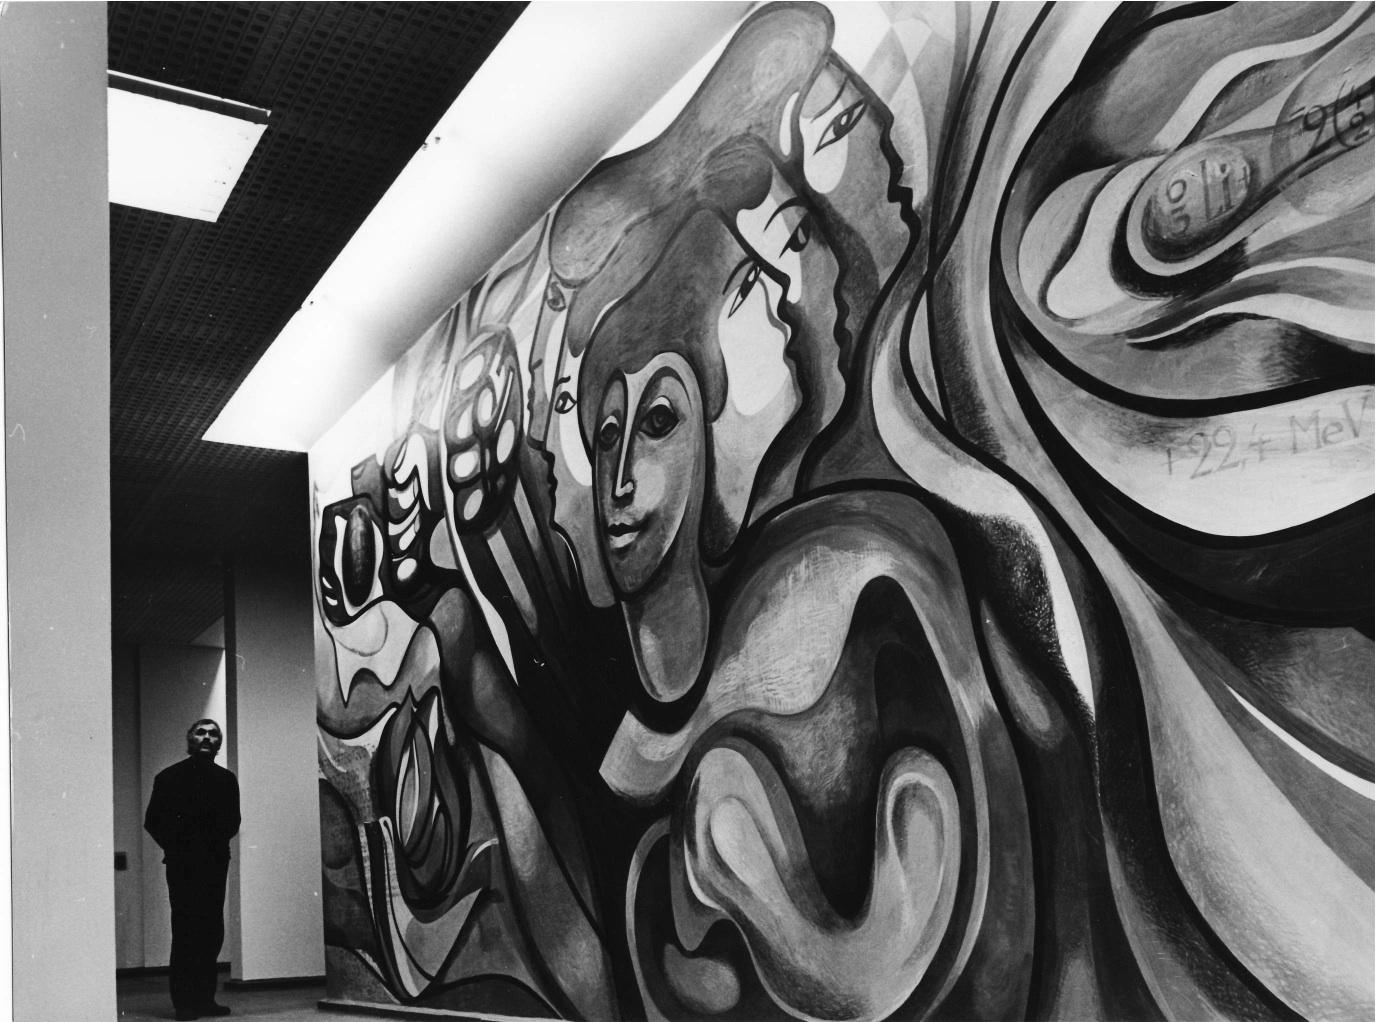 Wandbild (heute verdeckt) im ehemaligen Karl-Marx-Städter Unternehmen Numerik - im Foto links Gerhard Klampäckel. (Archivfoto aus dem Nachlass des Künstlers)